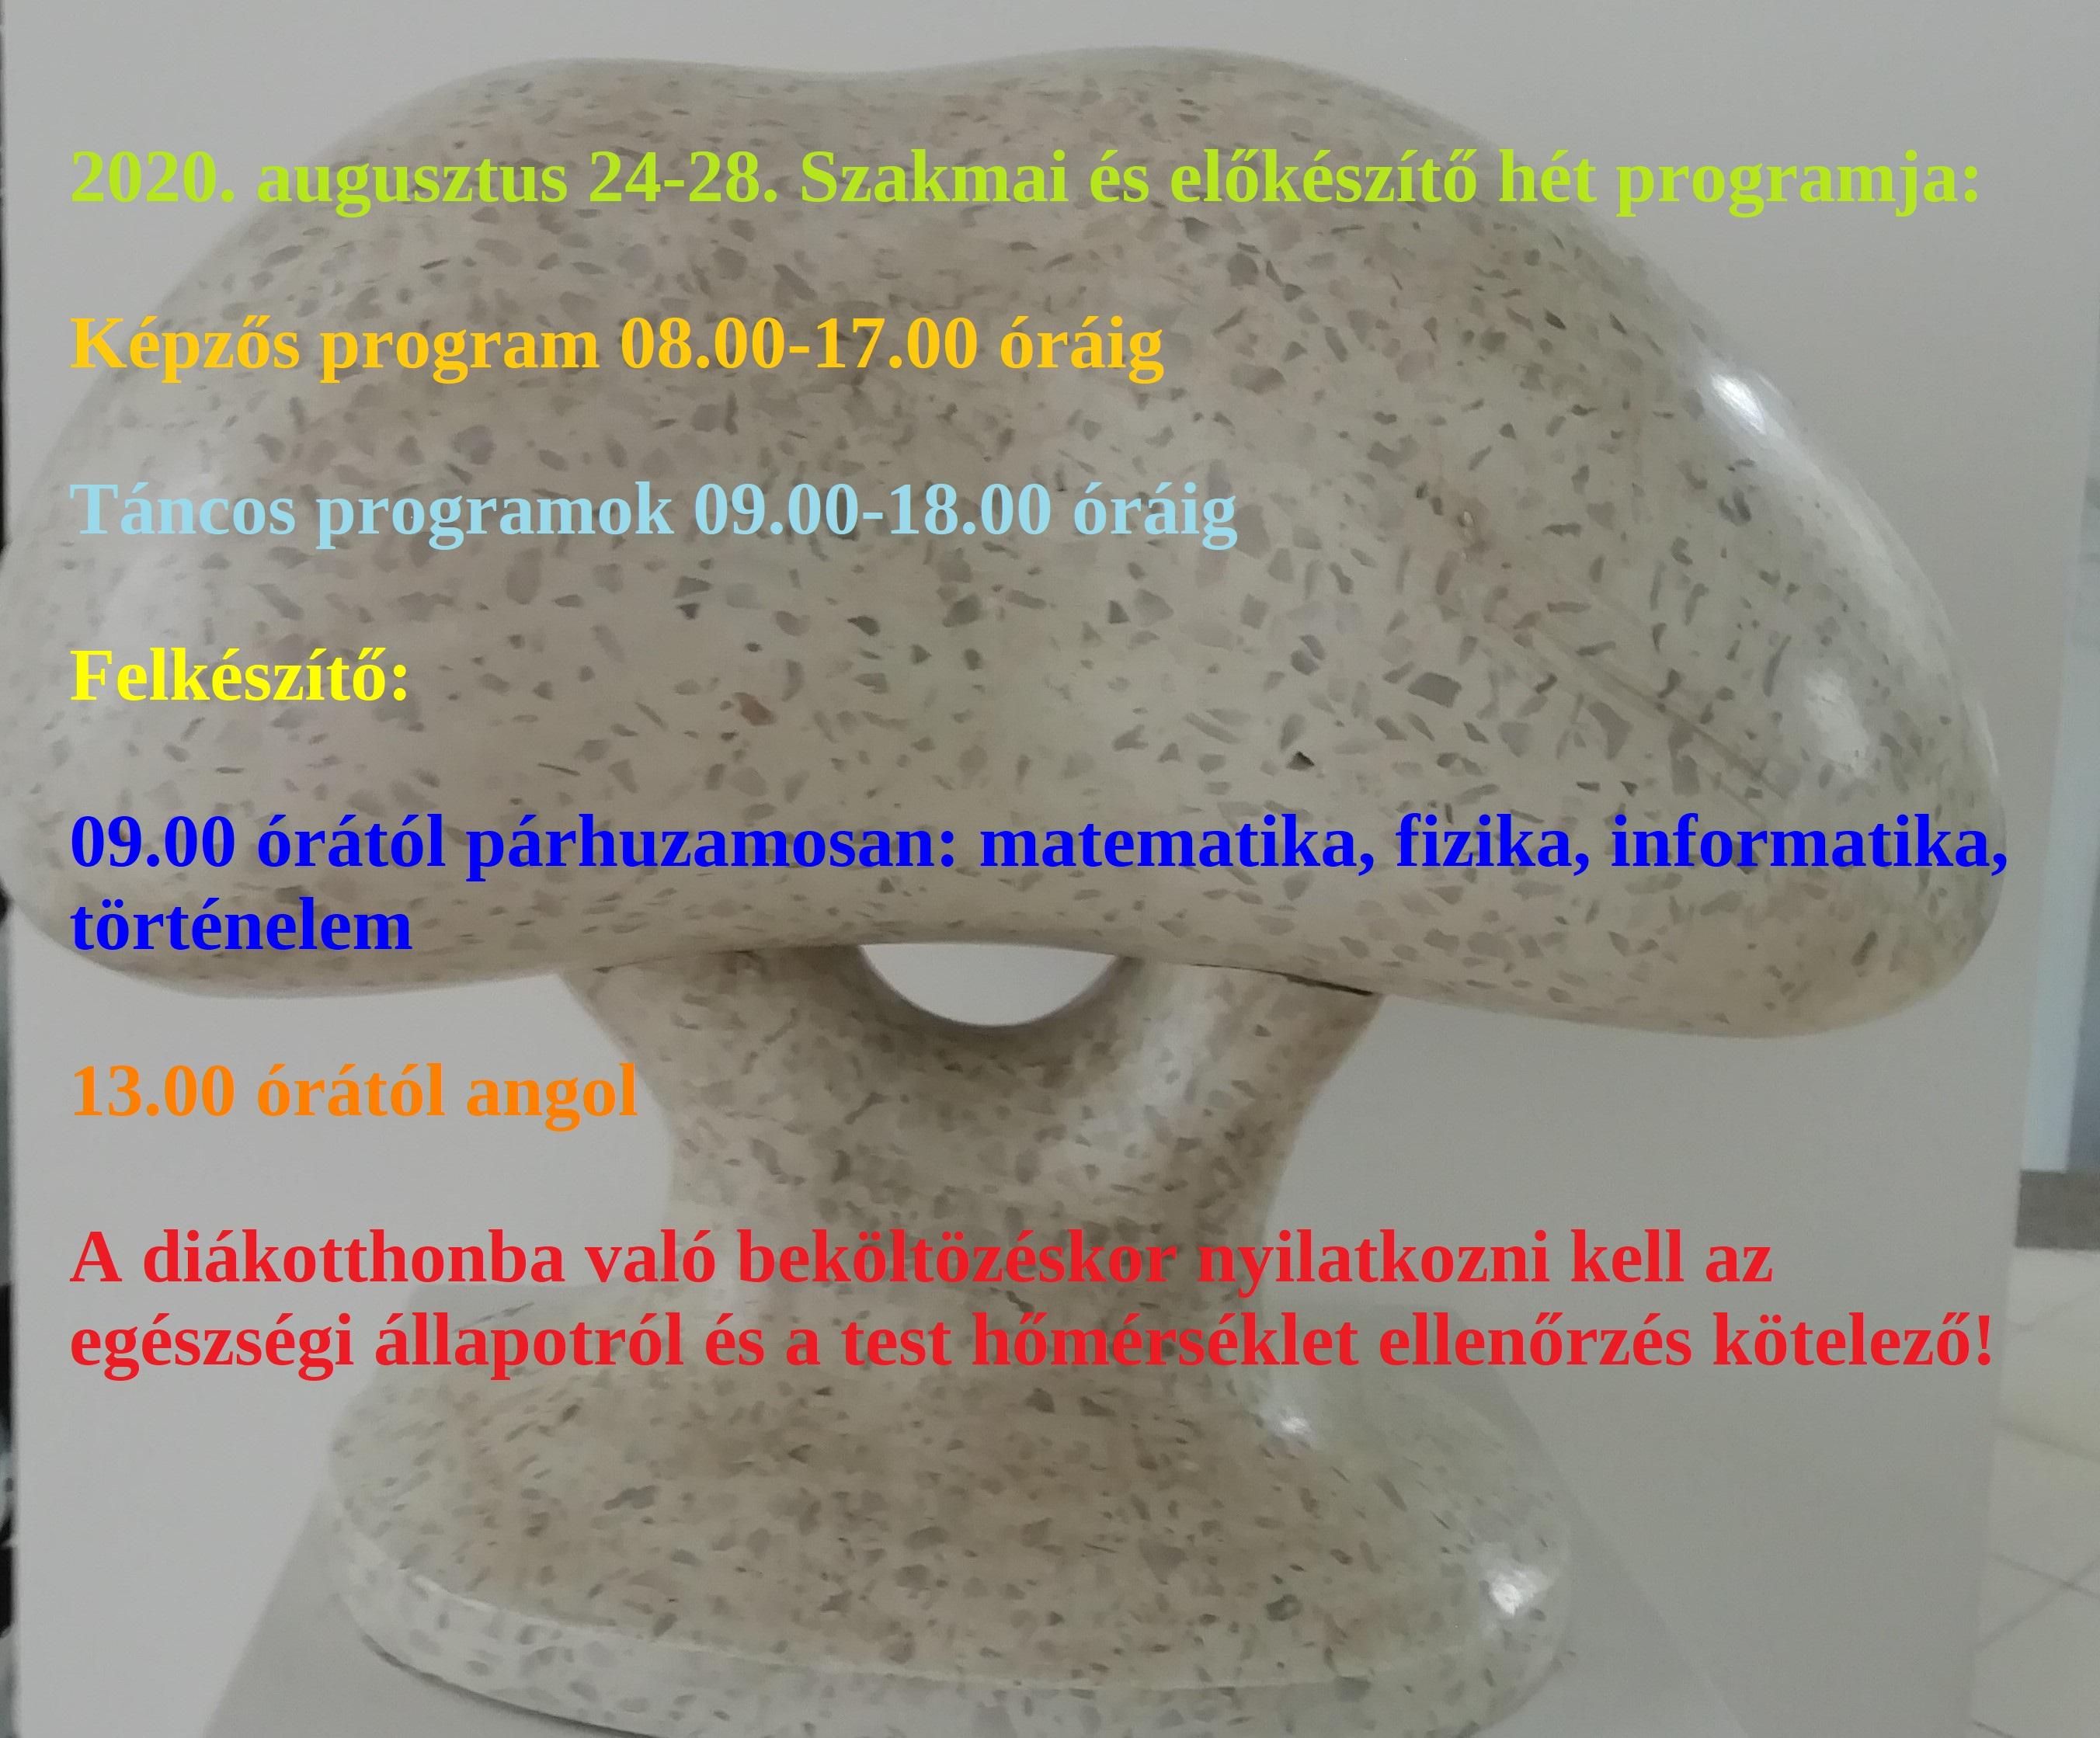 Szakmai és előkészítő hét programja